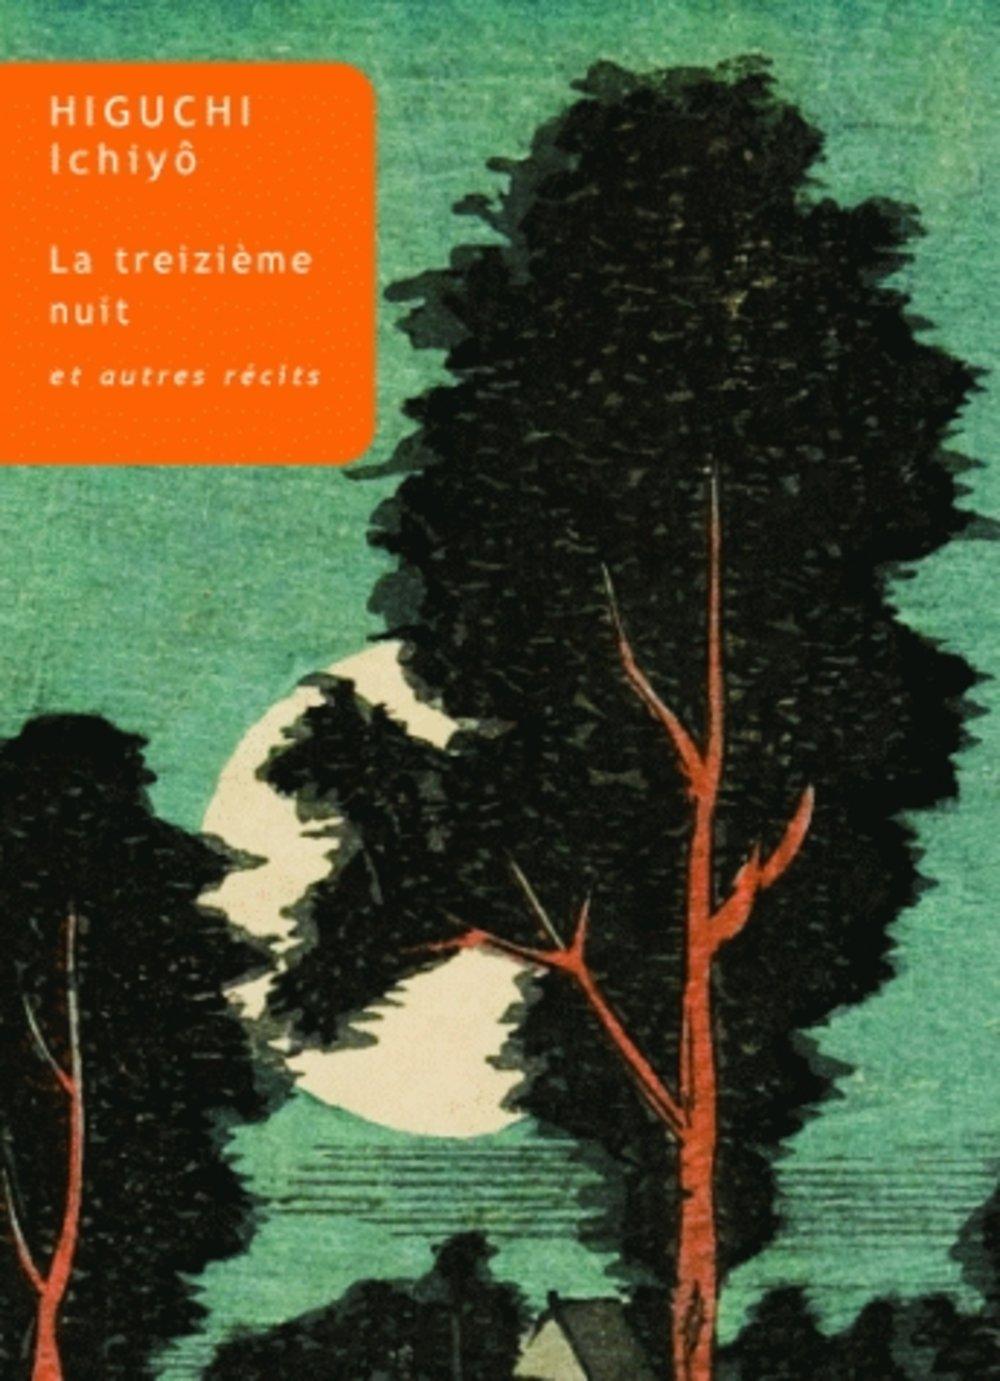 La Treizieme Nuit et autres récits de Ichiyo Higuchi